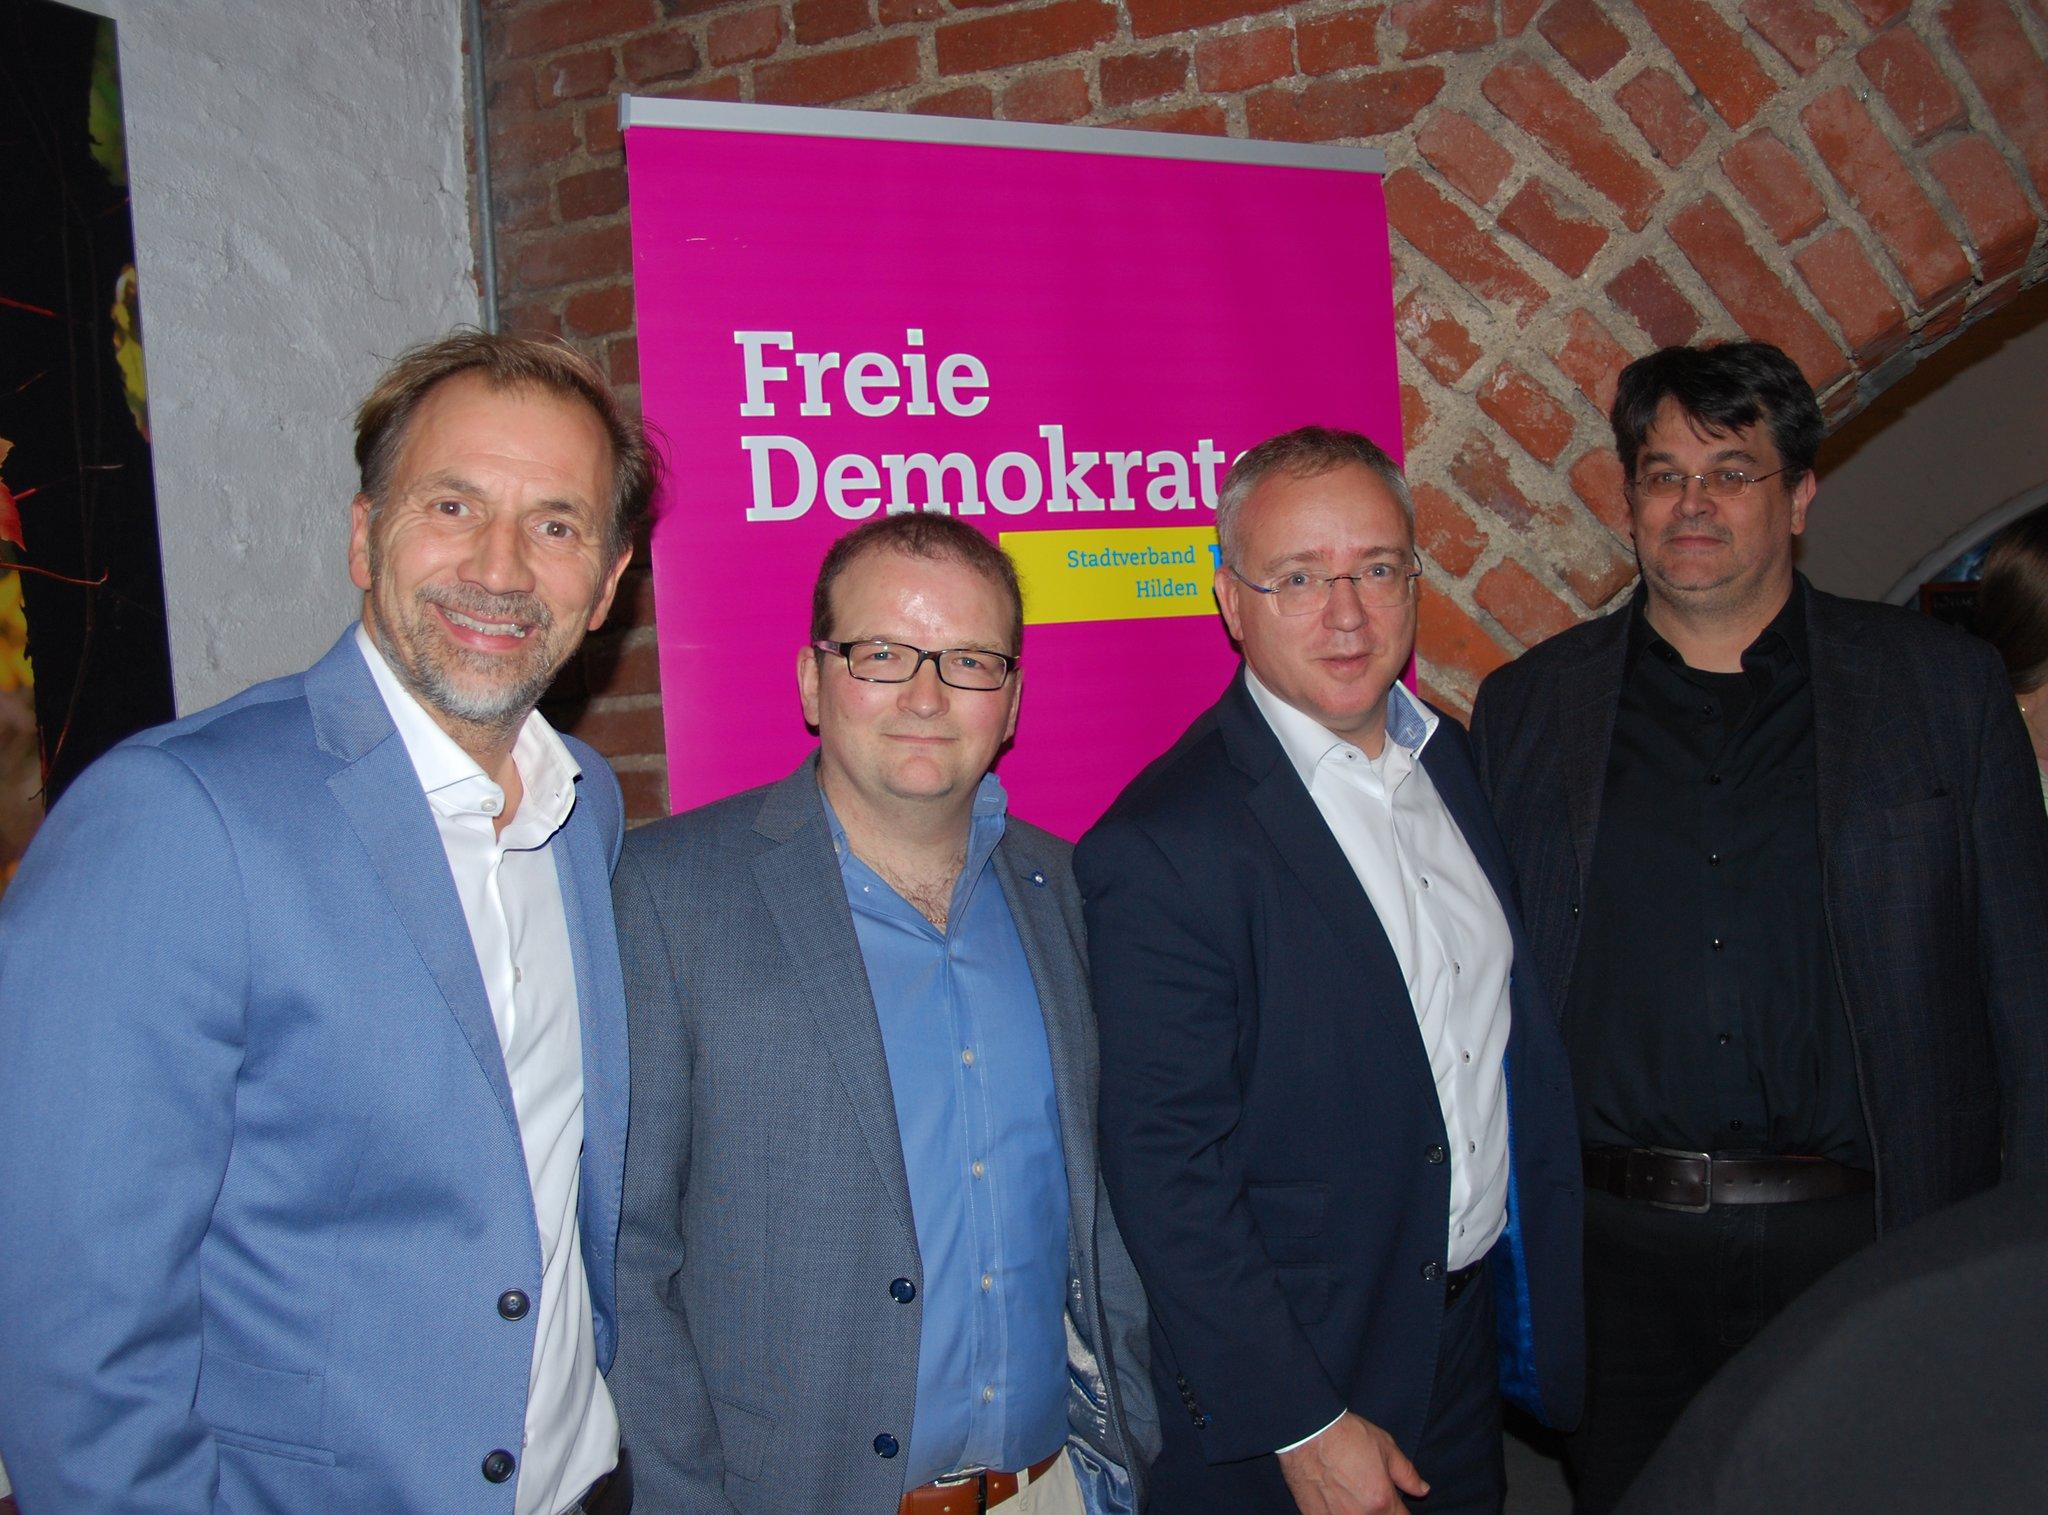 Stadt- und Verkehrsplaner stellen bei FDP Ideen vor: Radkonzept für Hilden - Hilden - Lokalkompass.de